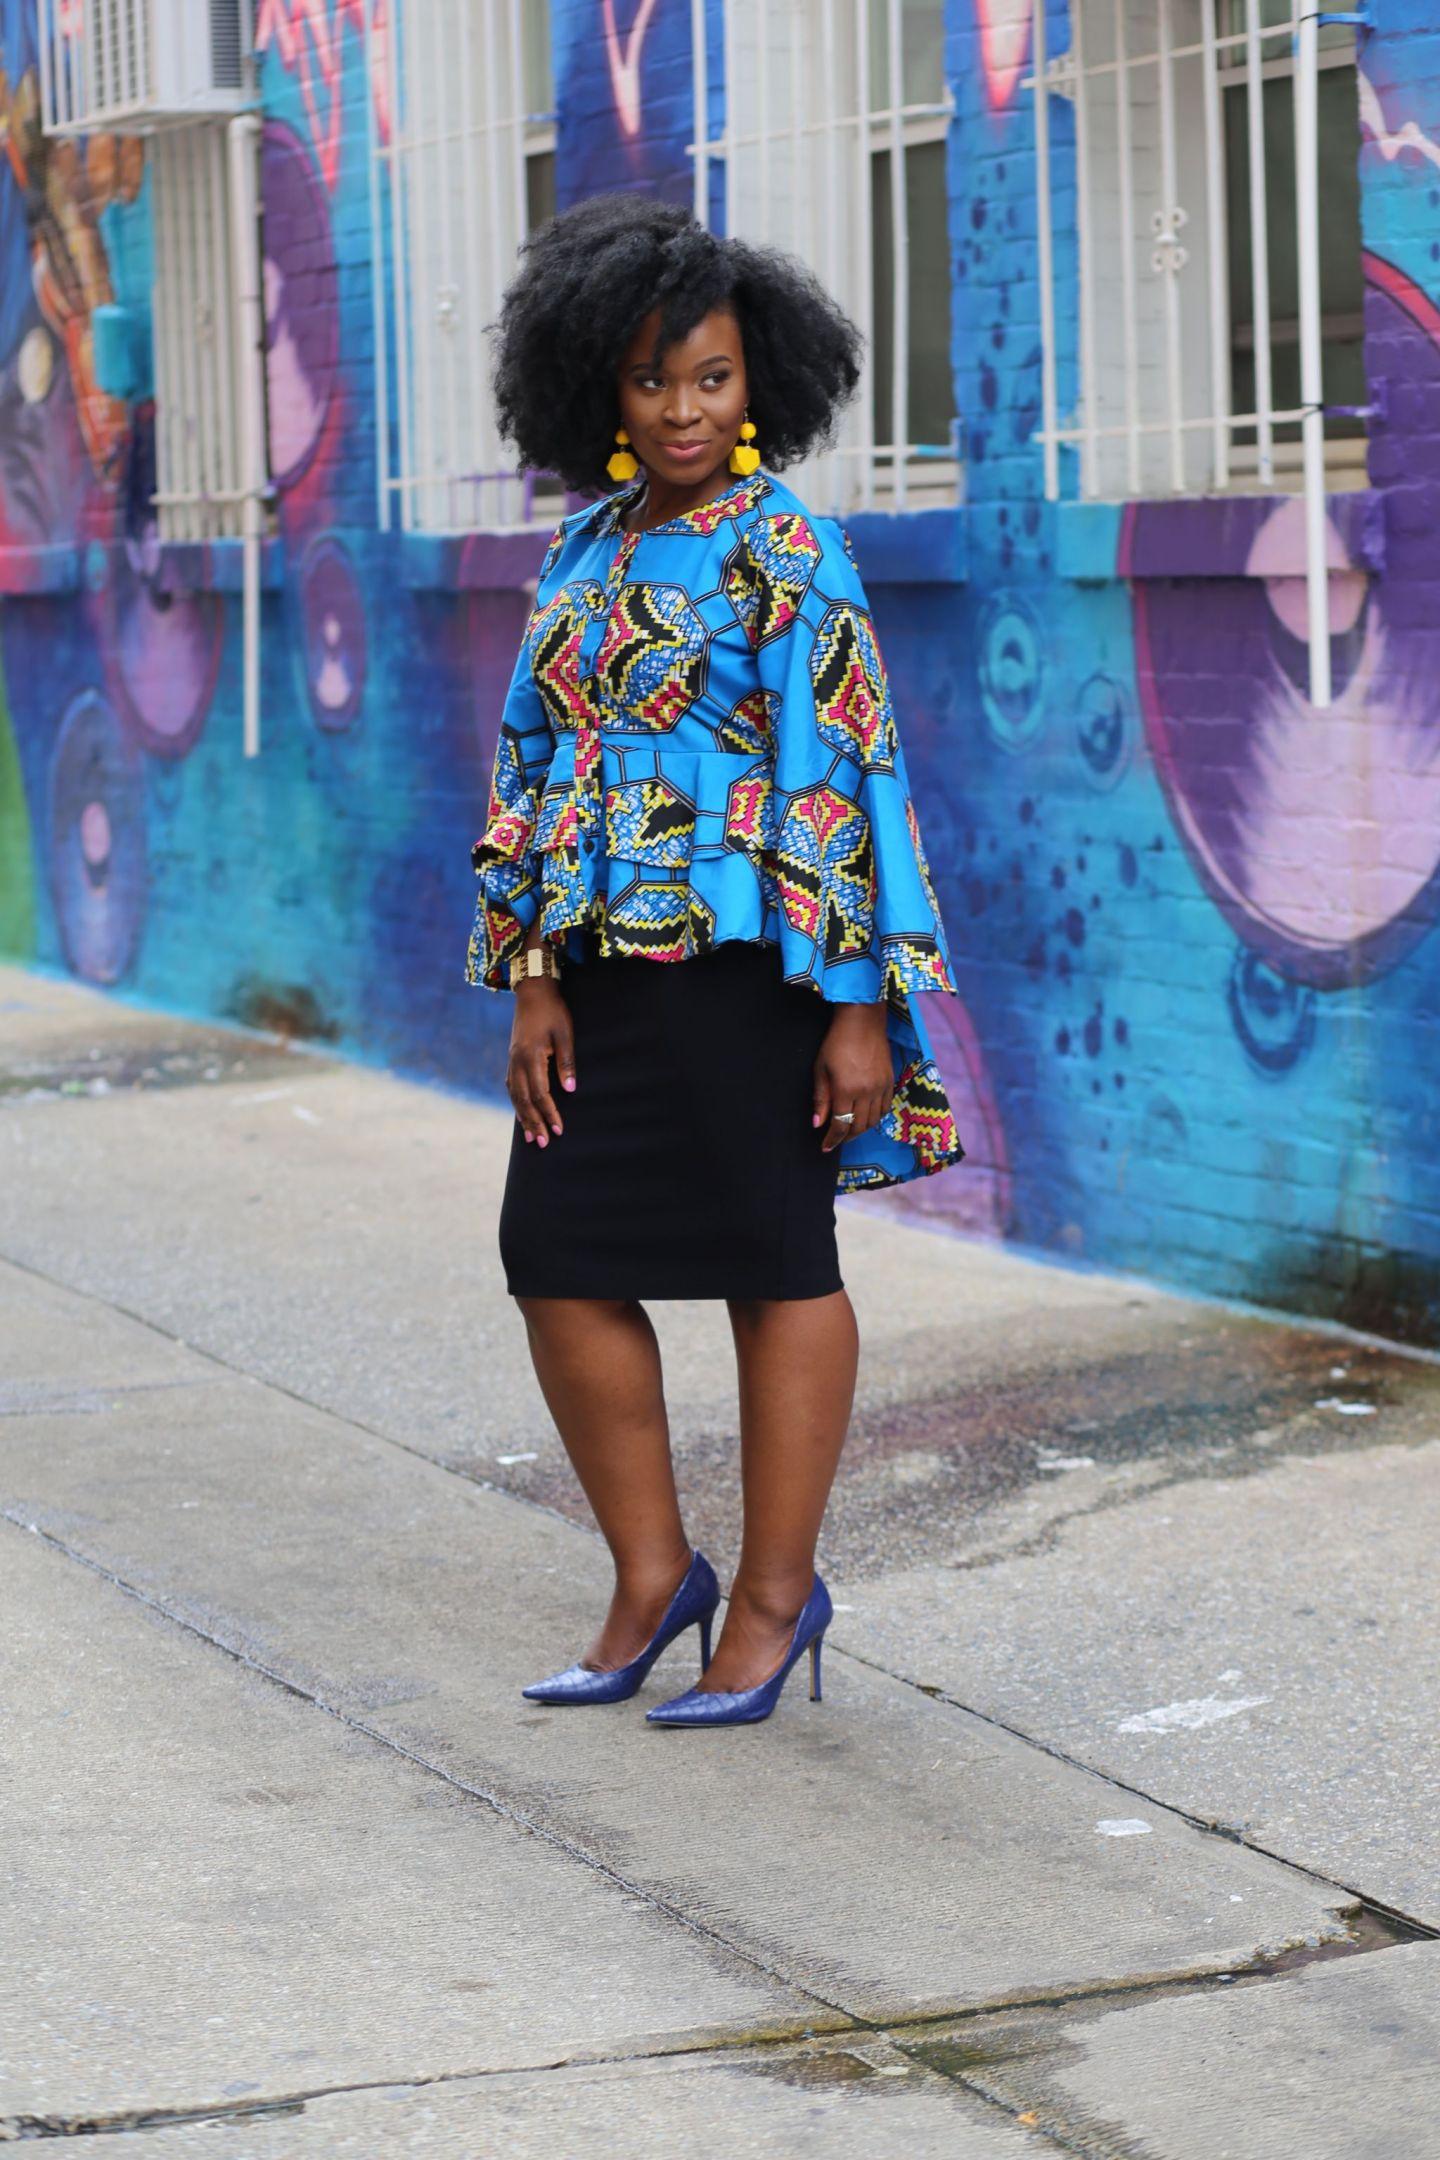 Testimony Thursday: God Healed My Wrist | Adebisi Adebowale